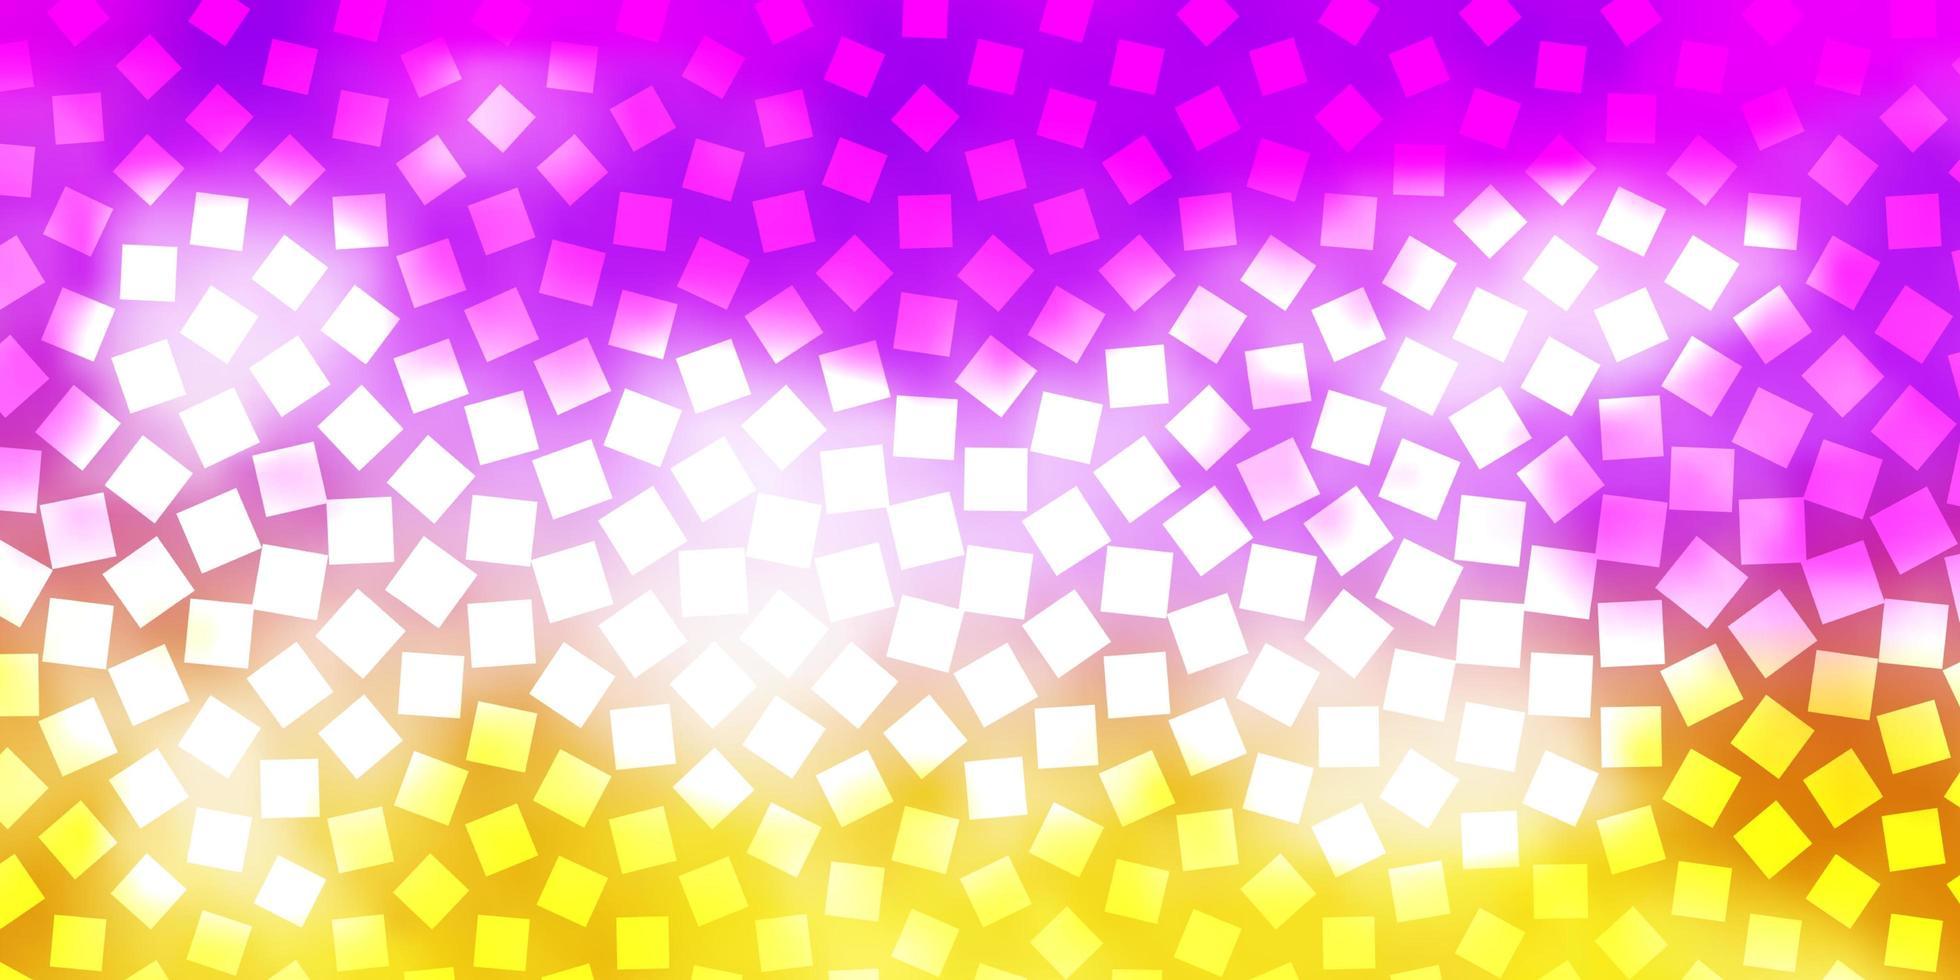 lichtroze, gele vectorachtergrond met rechthoeken. vector